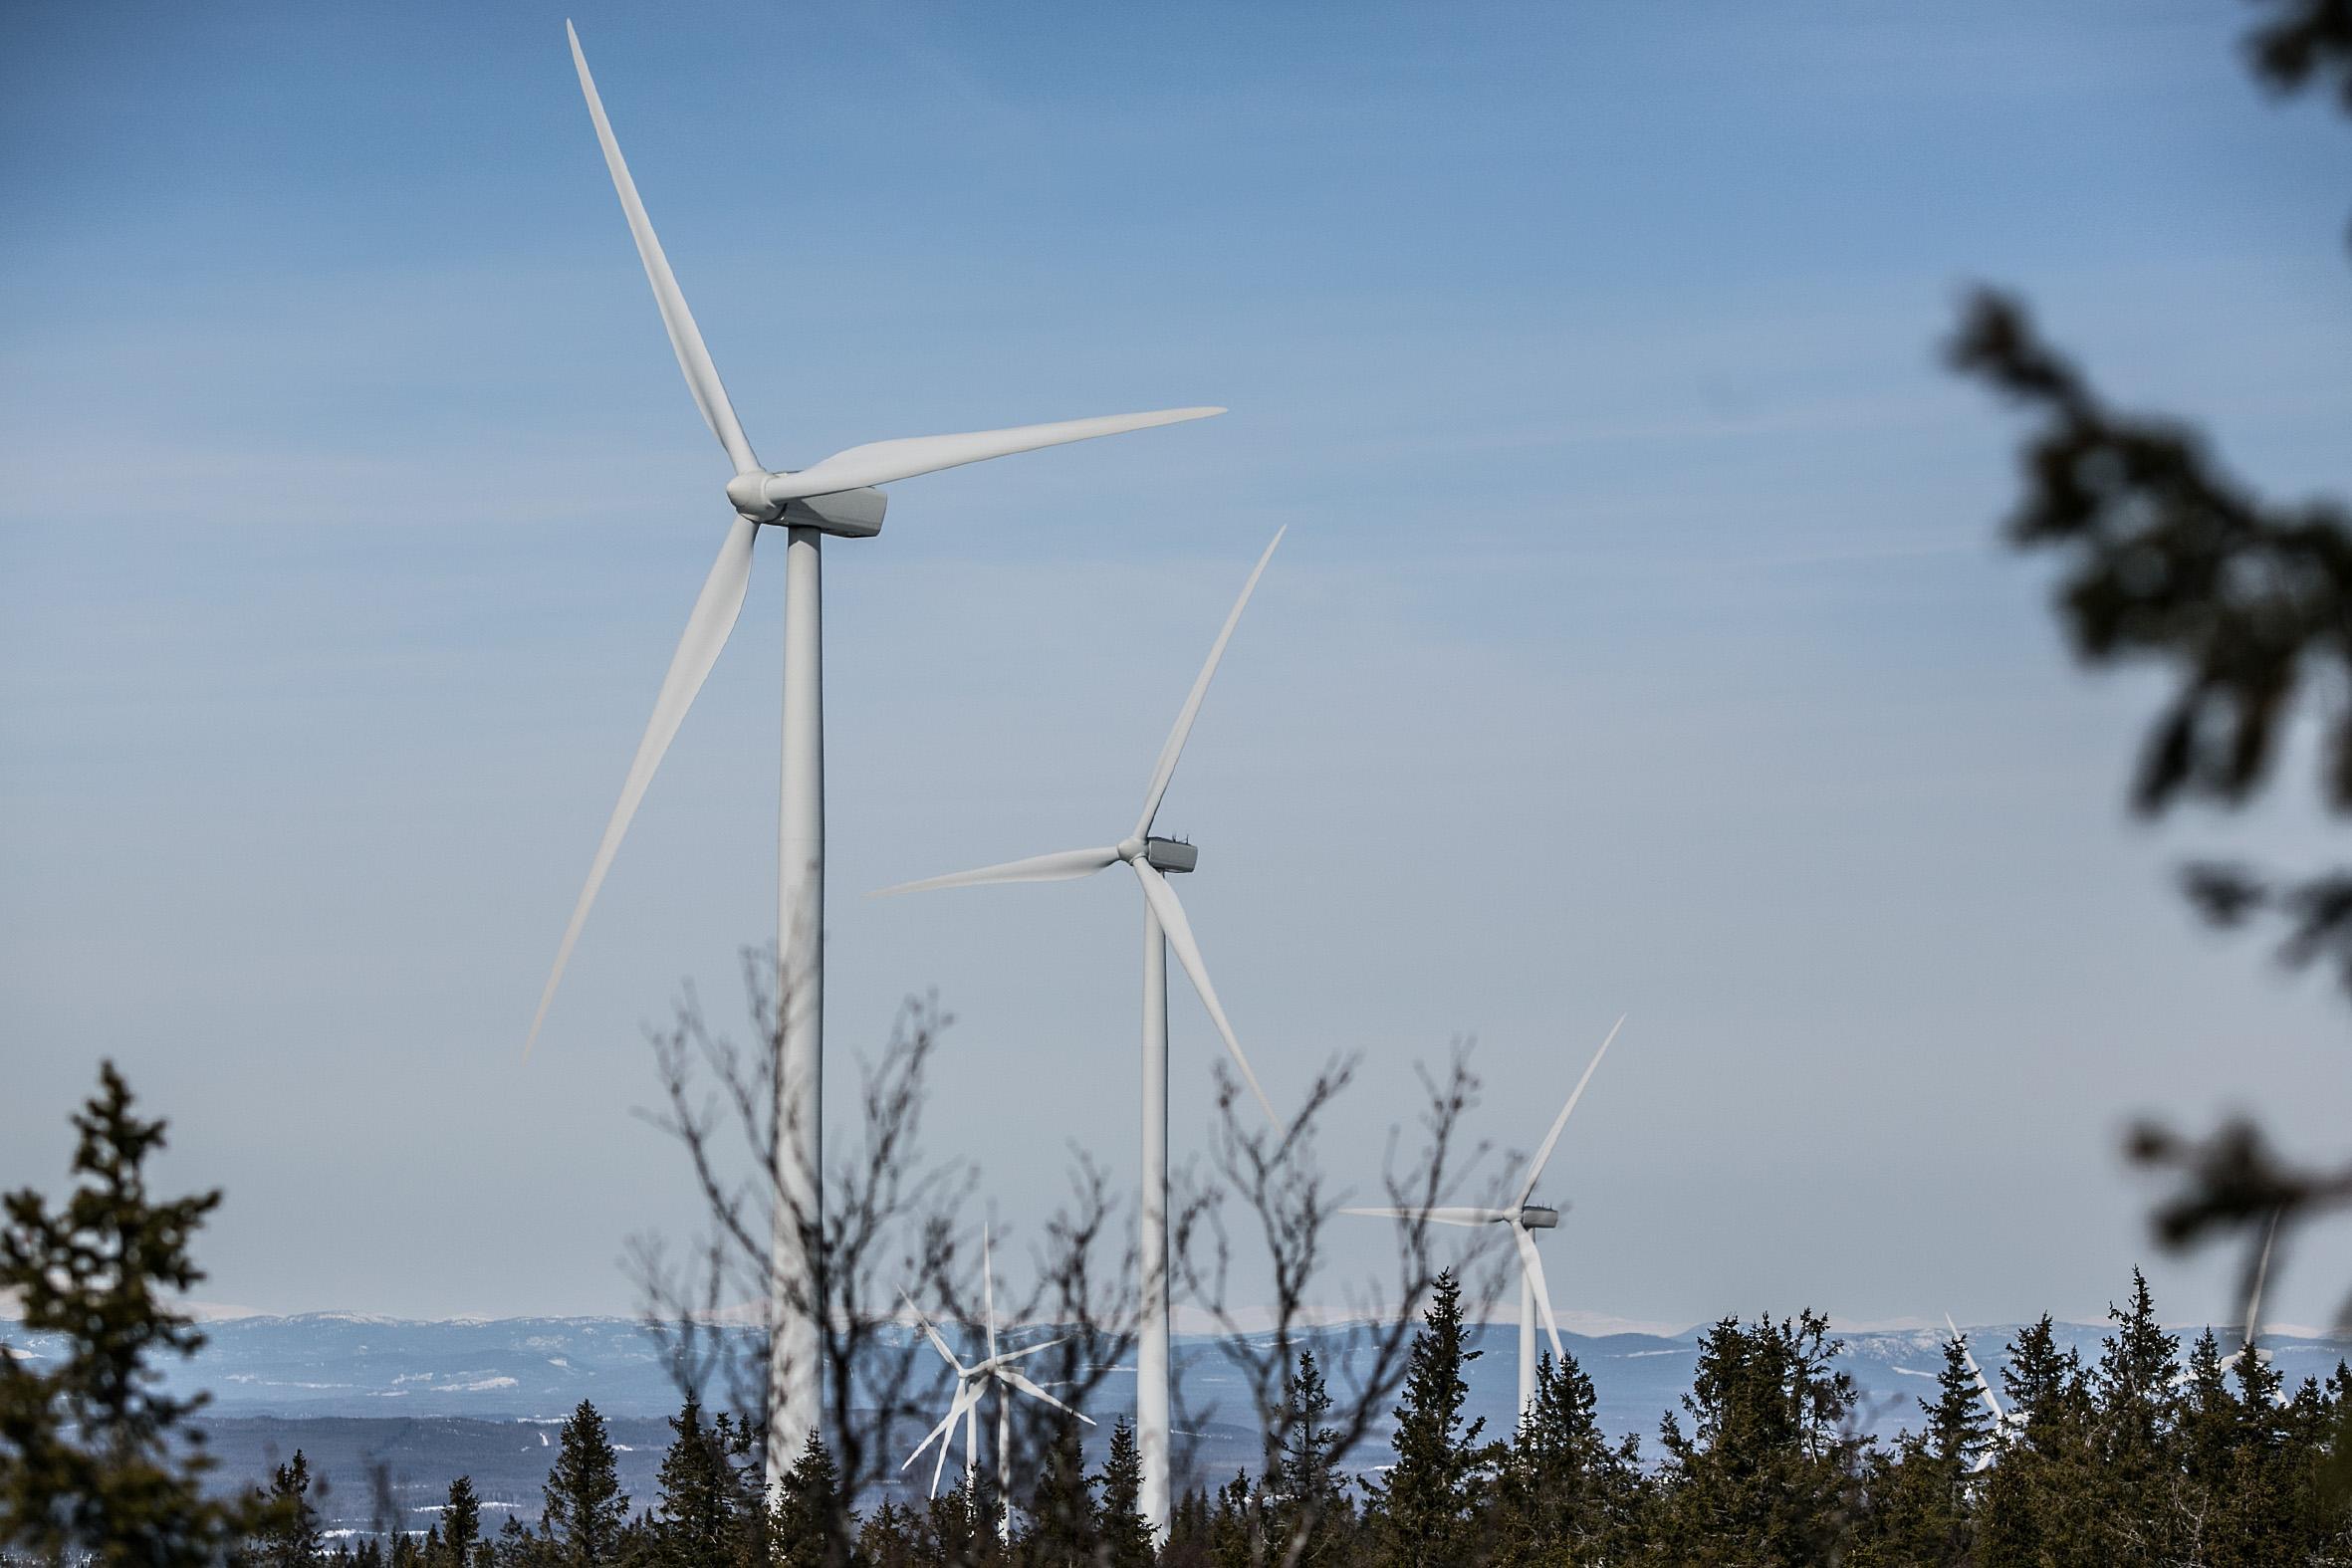 Vindkraften är inte alls så miljövänlig som många tror, det tillverkas ju av olika plaster som väl inte är så miljövänliga?, frågar sig insändarskribenten.